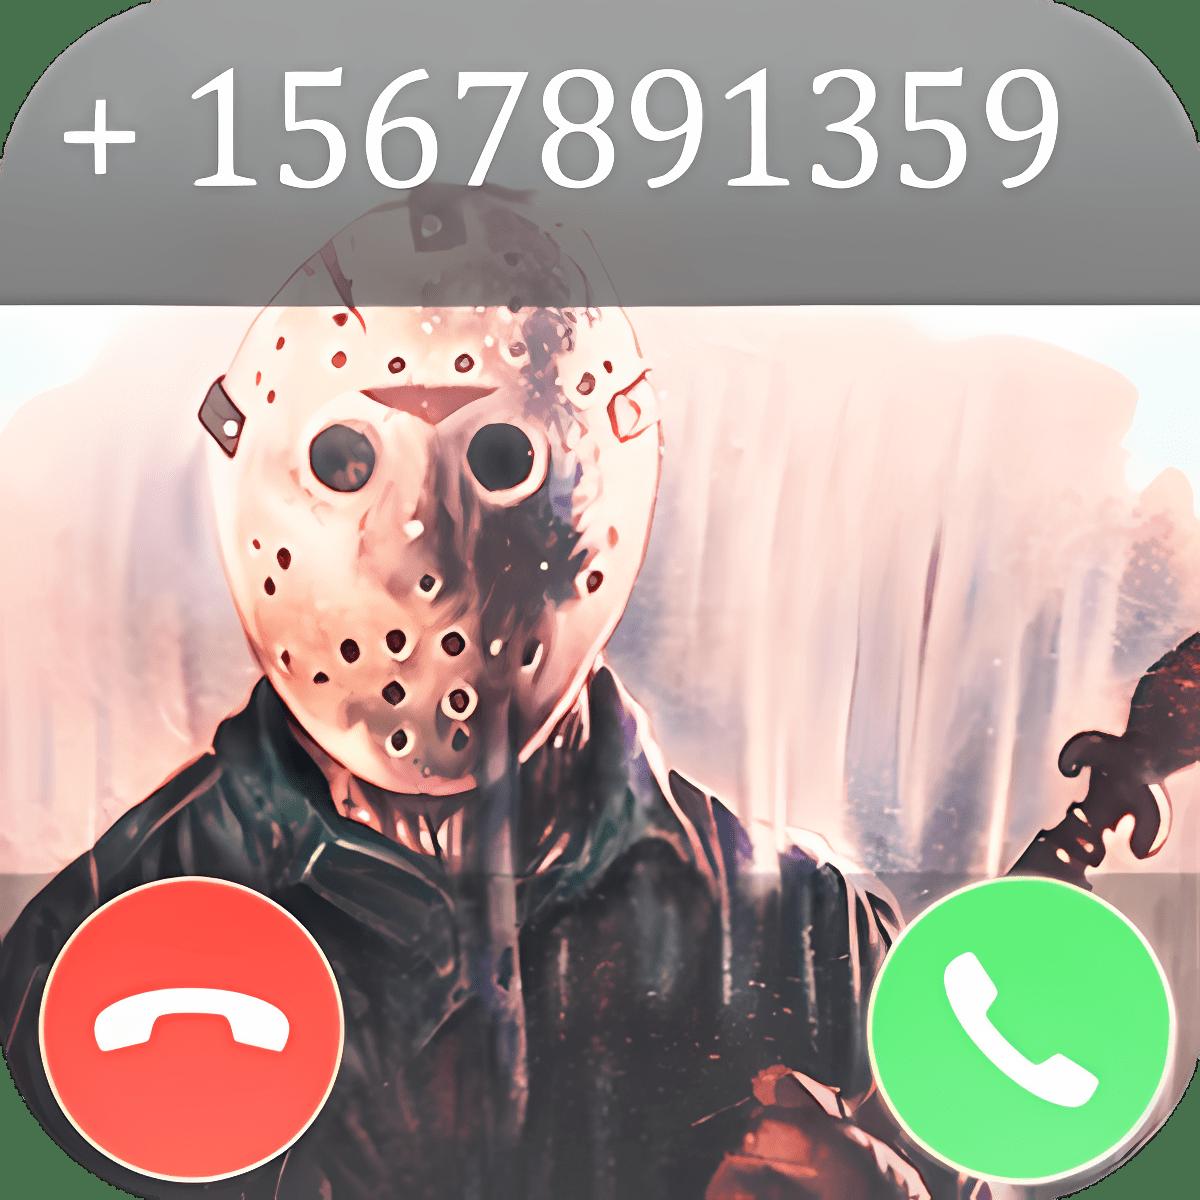 Killer Jason Fake Call Prank